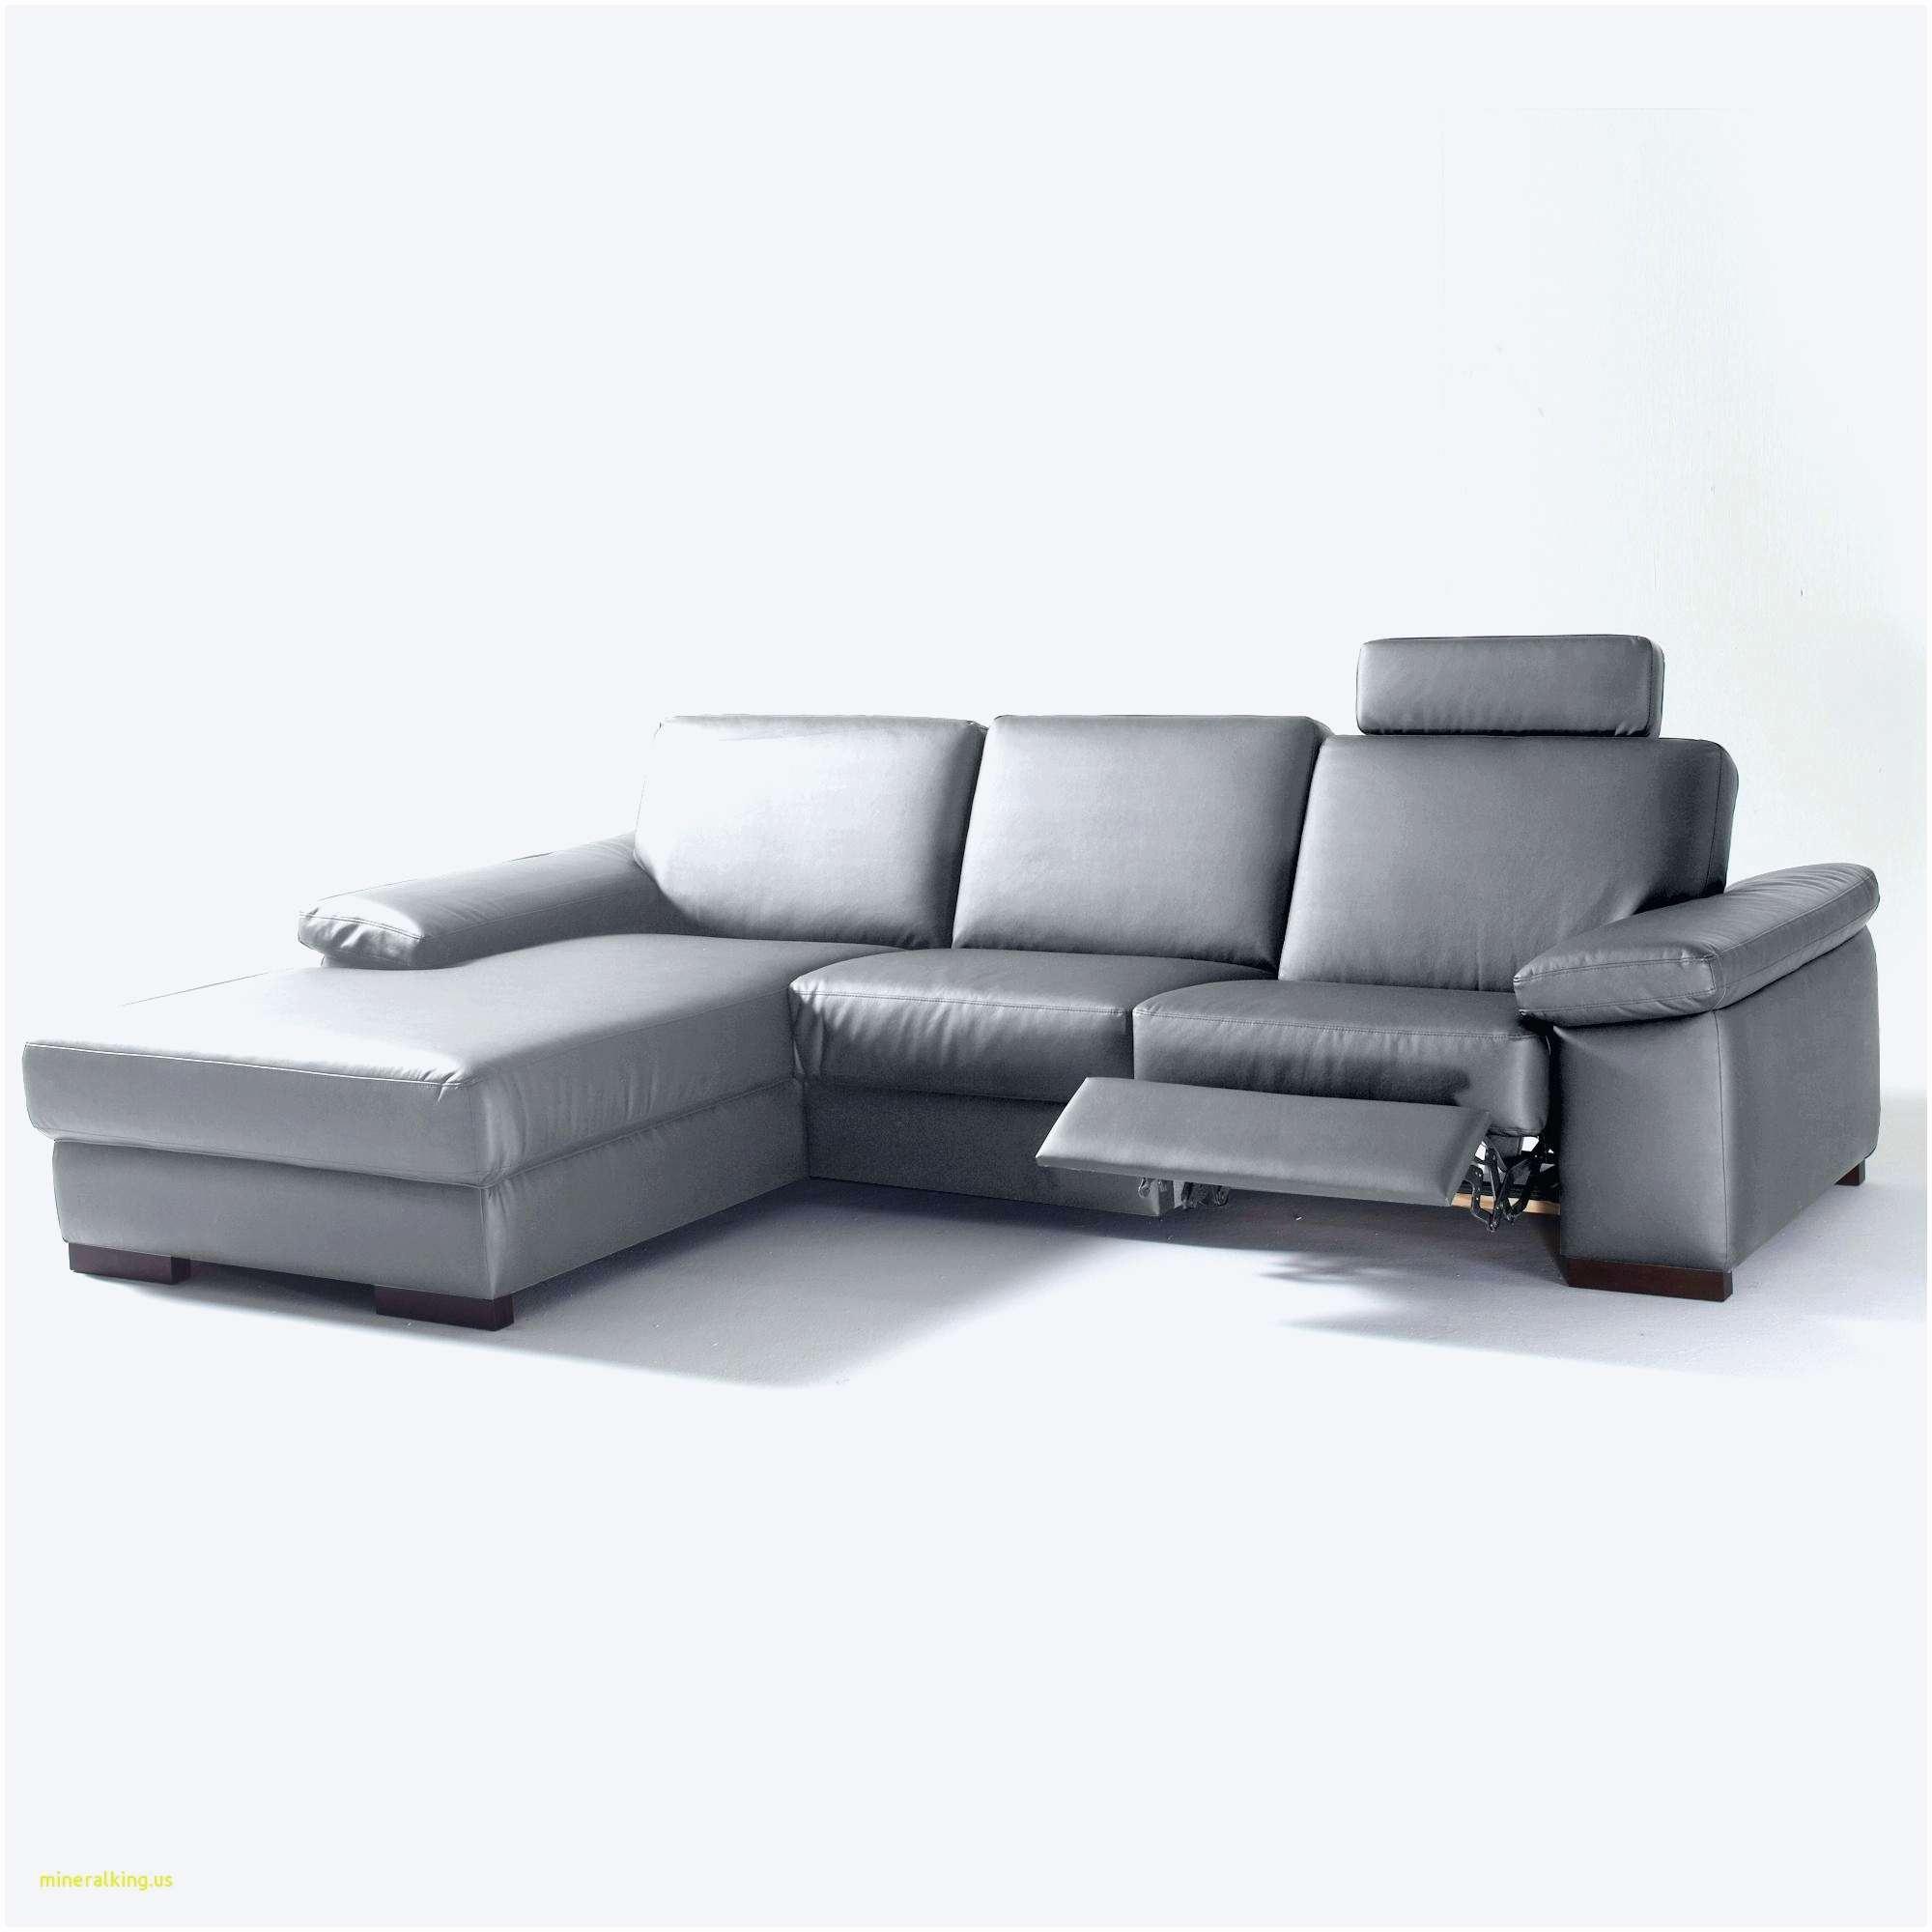 Fauteuil Relax Electrique Cuir Center Charmant Beau Cuir ... concernant Canapé Relax Électrique Ikea